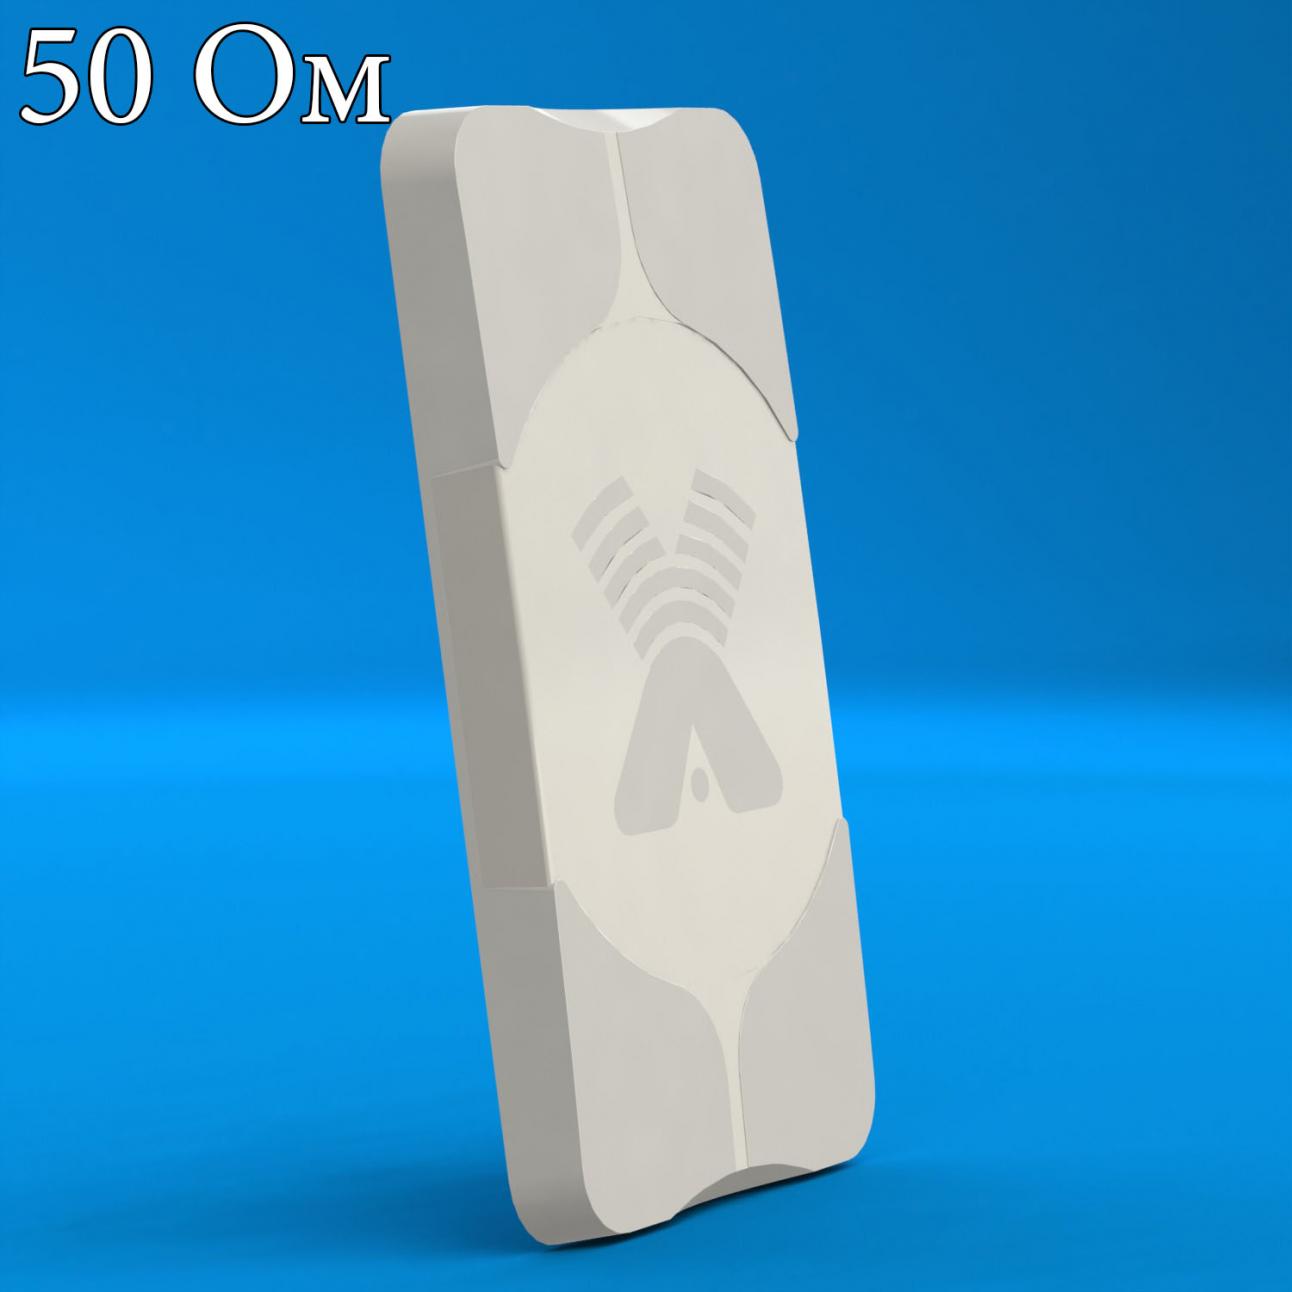 Широкополосная направленная антенна AGATA, 2G/3G/4G/WIFI, 14-17 dBi, 1.7-2.7ГГц